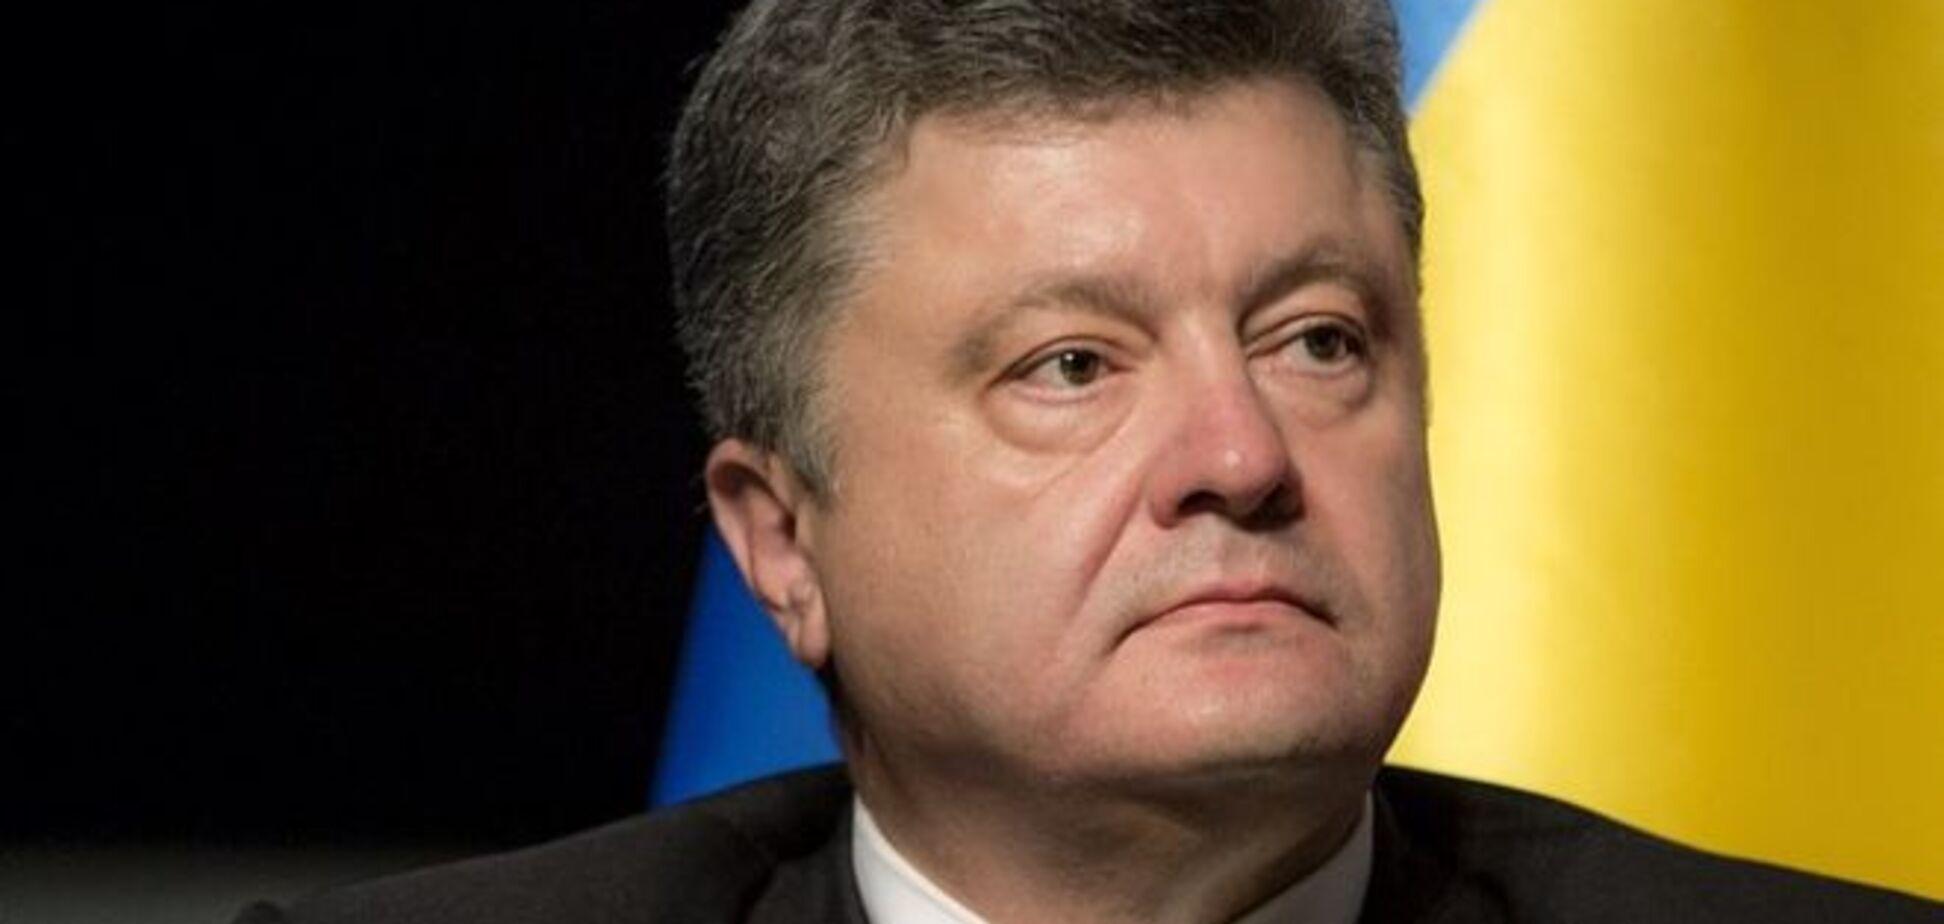 Кожен день війни на Донбасі обходиться Україні в $5-10 млн - Порошенко